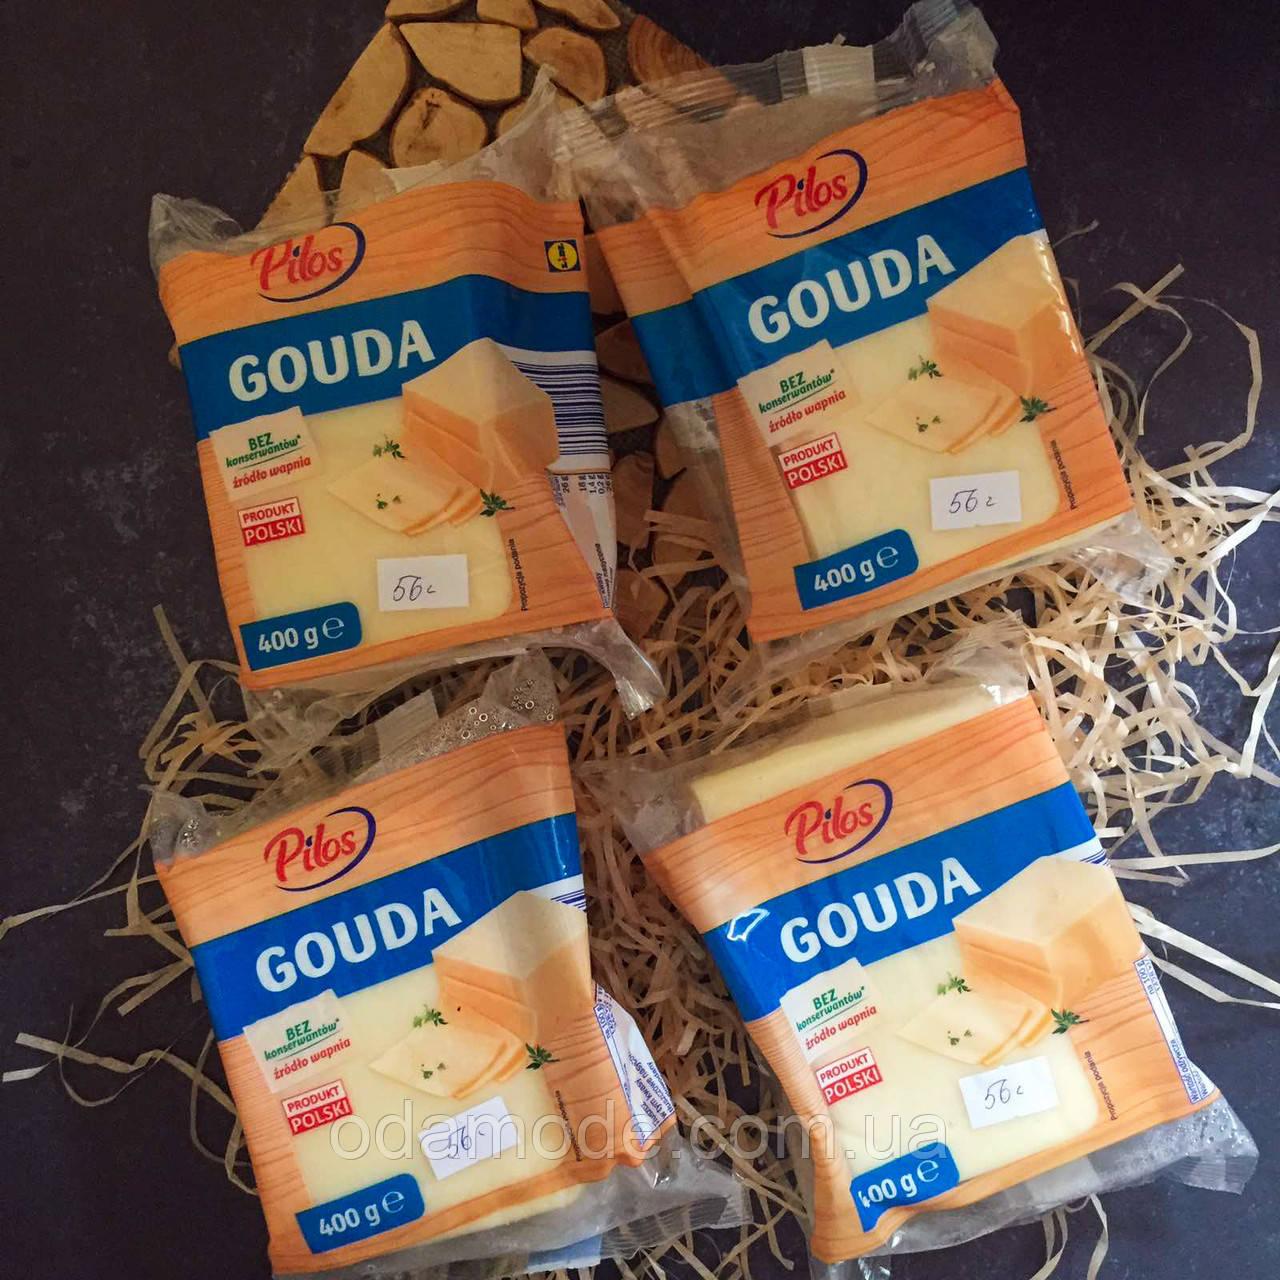 Сыр твердый гауда Pilos Gouda, 400гр (Польша)